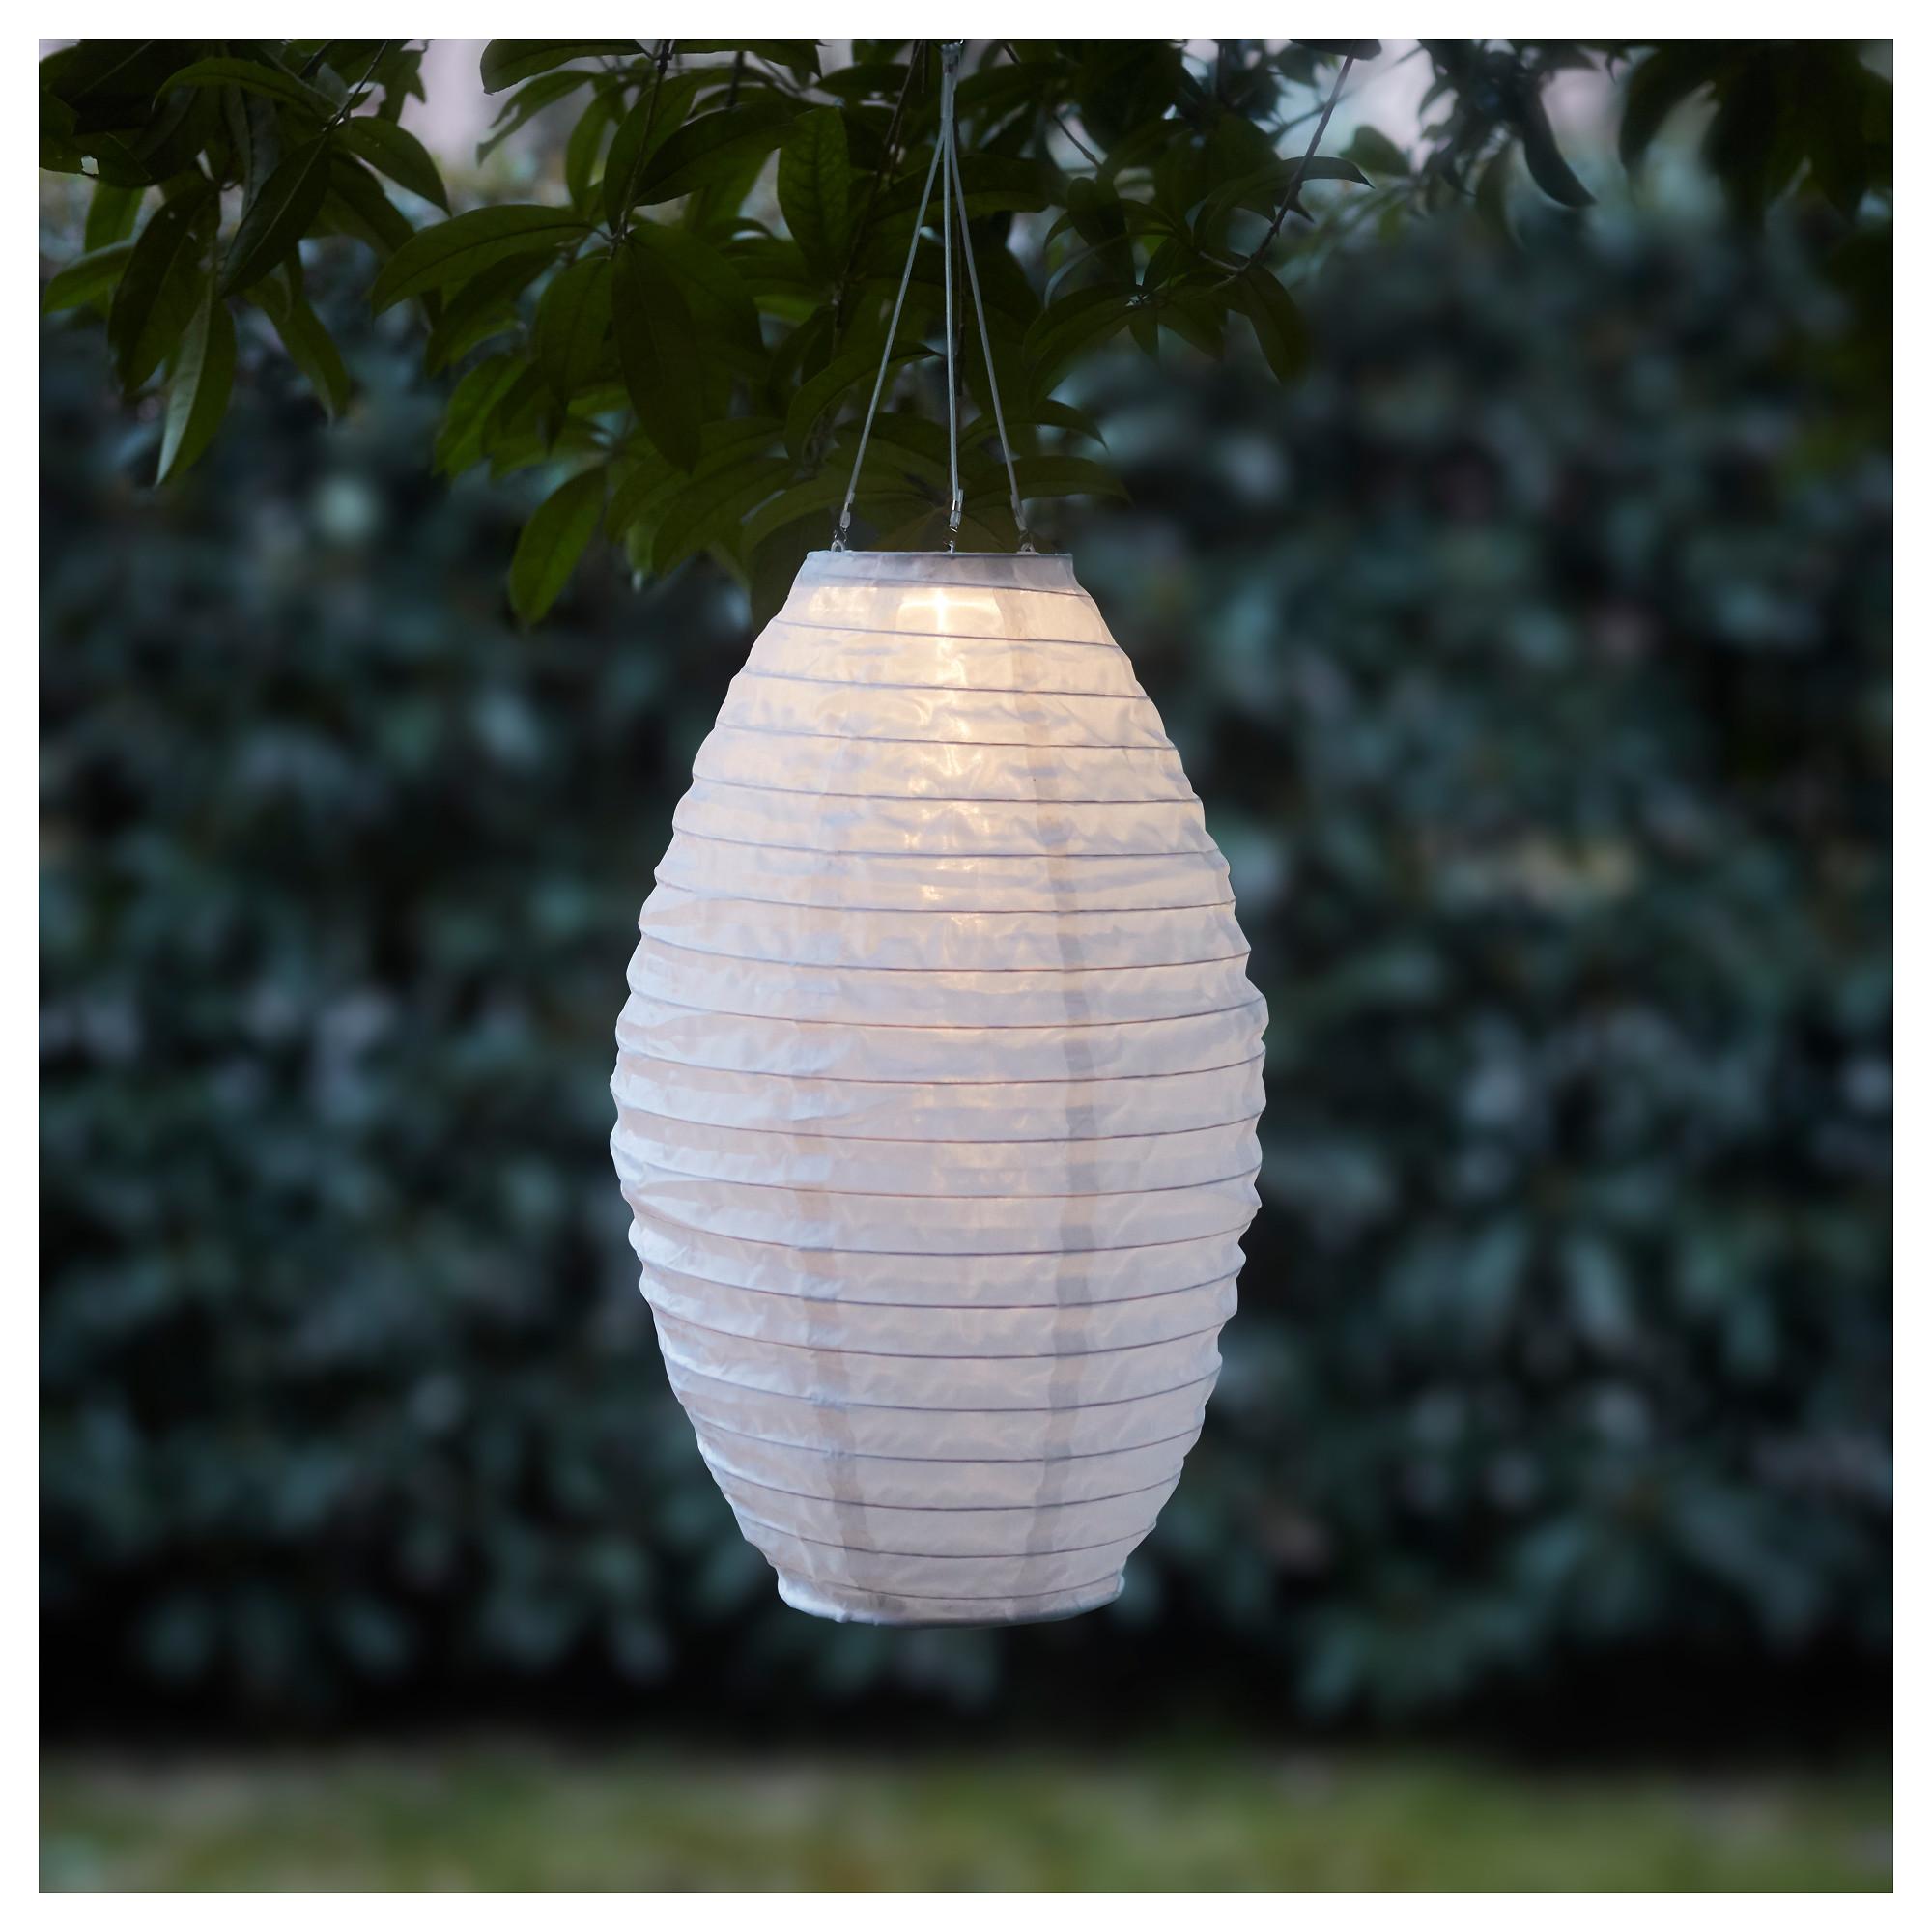 Подвесная светодиодная лампа СОЛВИДЕН белый артикуль № 603.405.77 в наличии. Интернет каталог IKEA Минск. Недорогая доставка и монтаж.